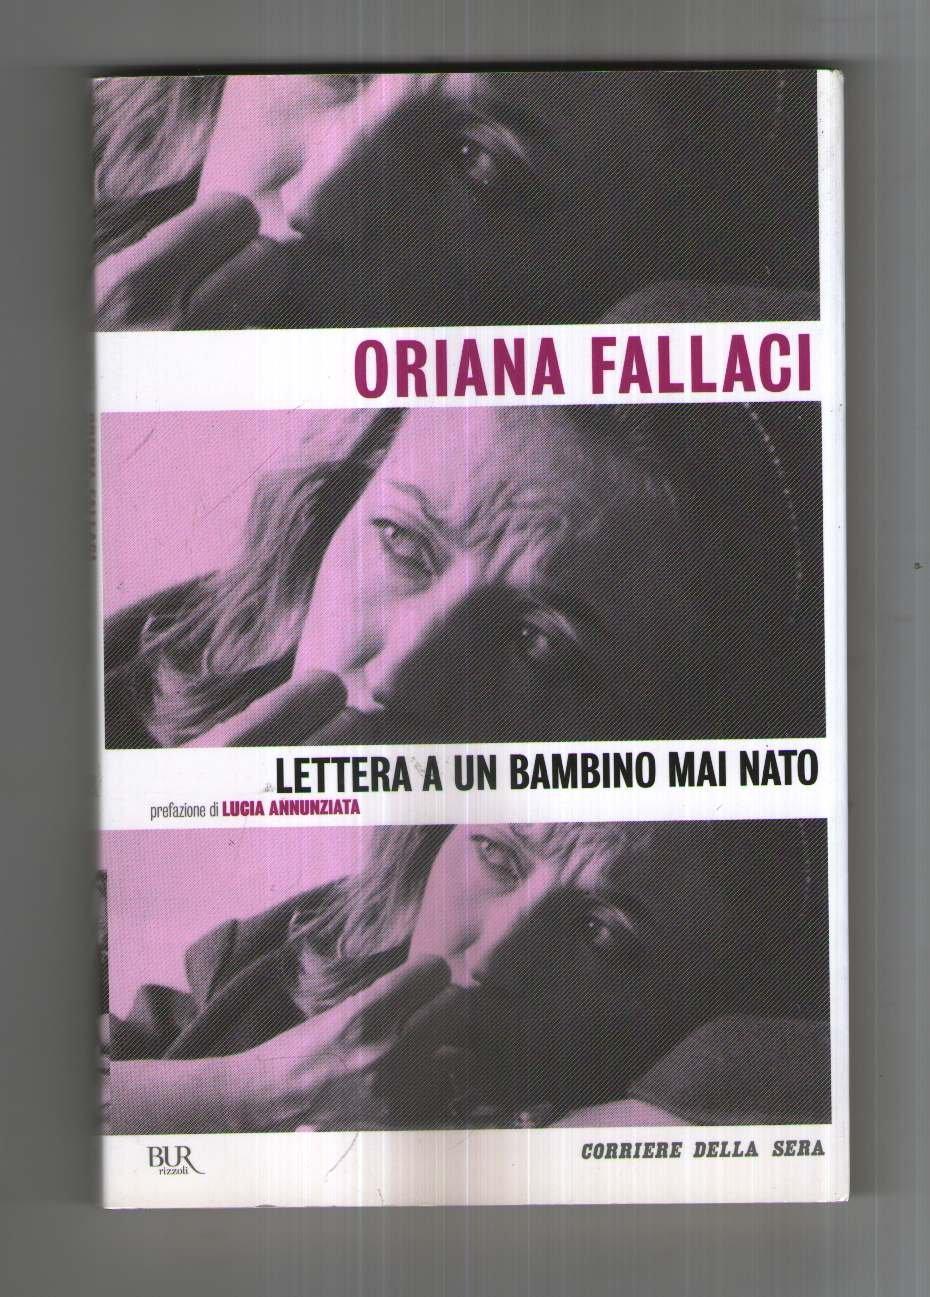 Amazon.it: LETTERA A UN BAMBINO MAI NATO 2010 - fallaci oriana - Libri